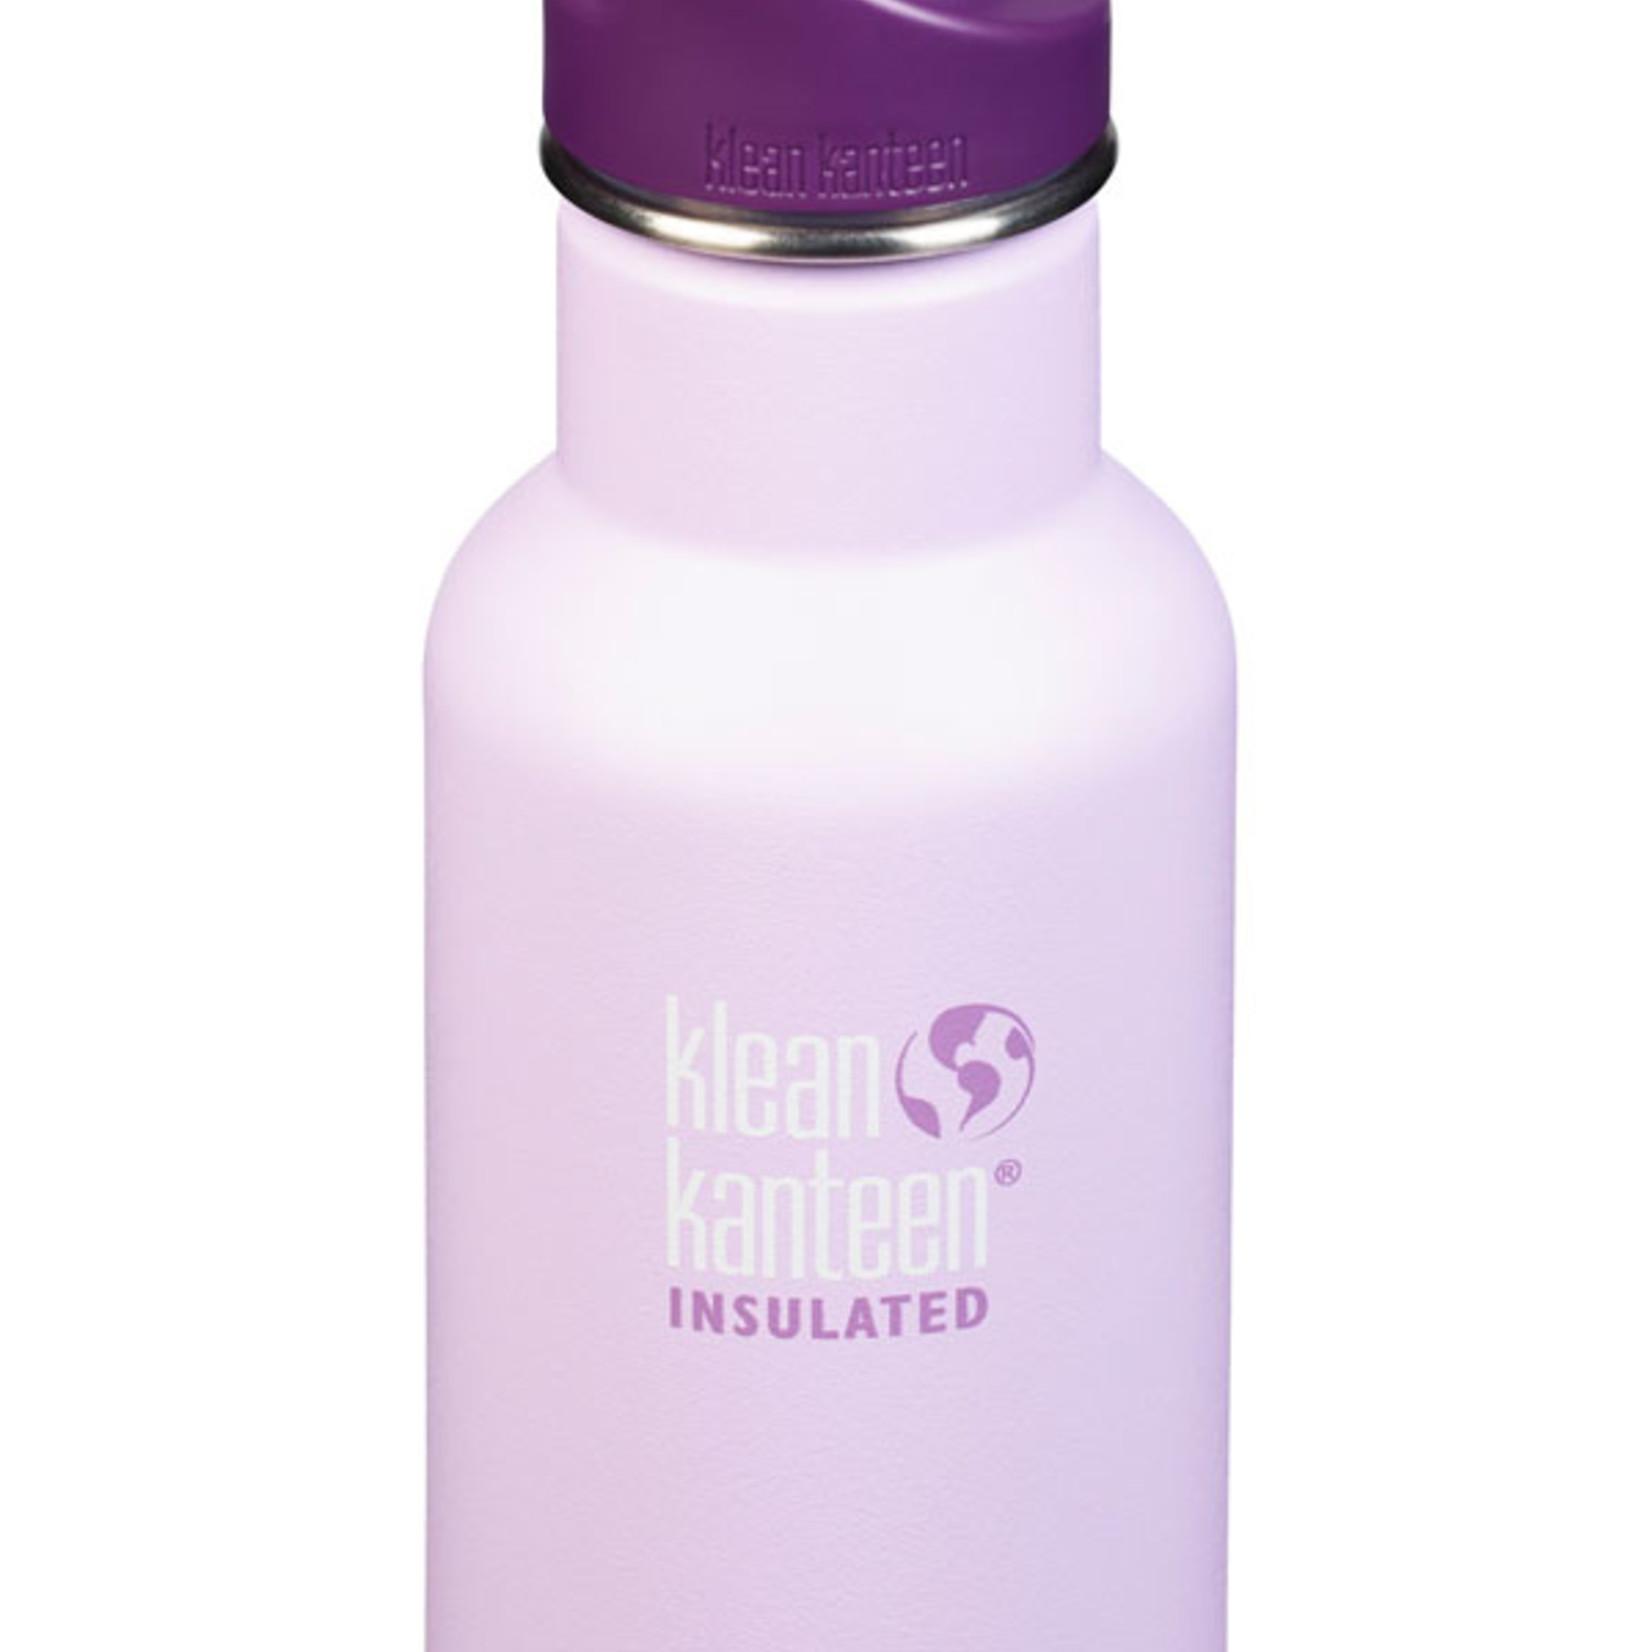 Klean Kanteen Edelstahlflasche KID KANTEEN Insulated 355ml Sugarplum Fairy matt/ Sport Cap